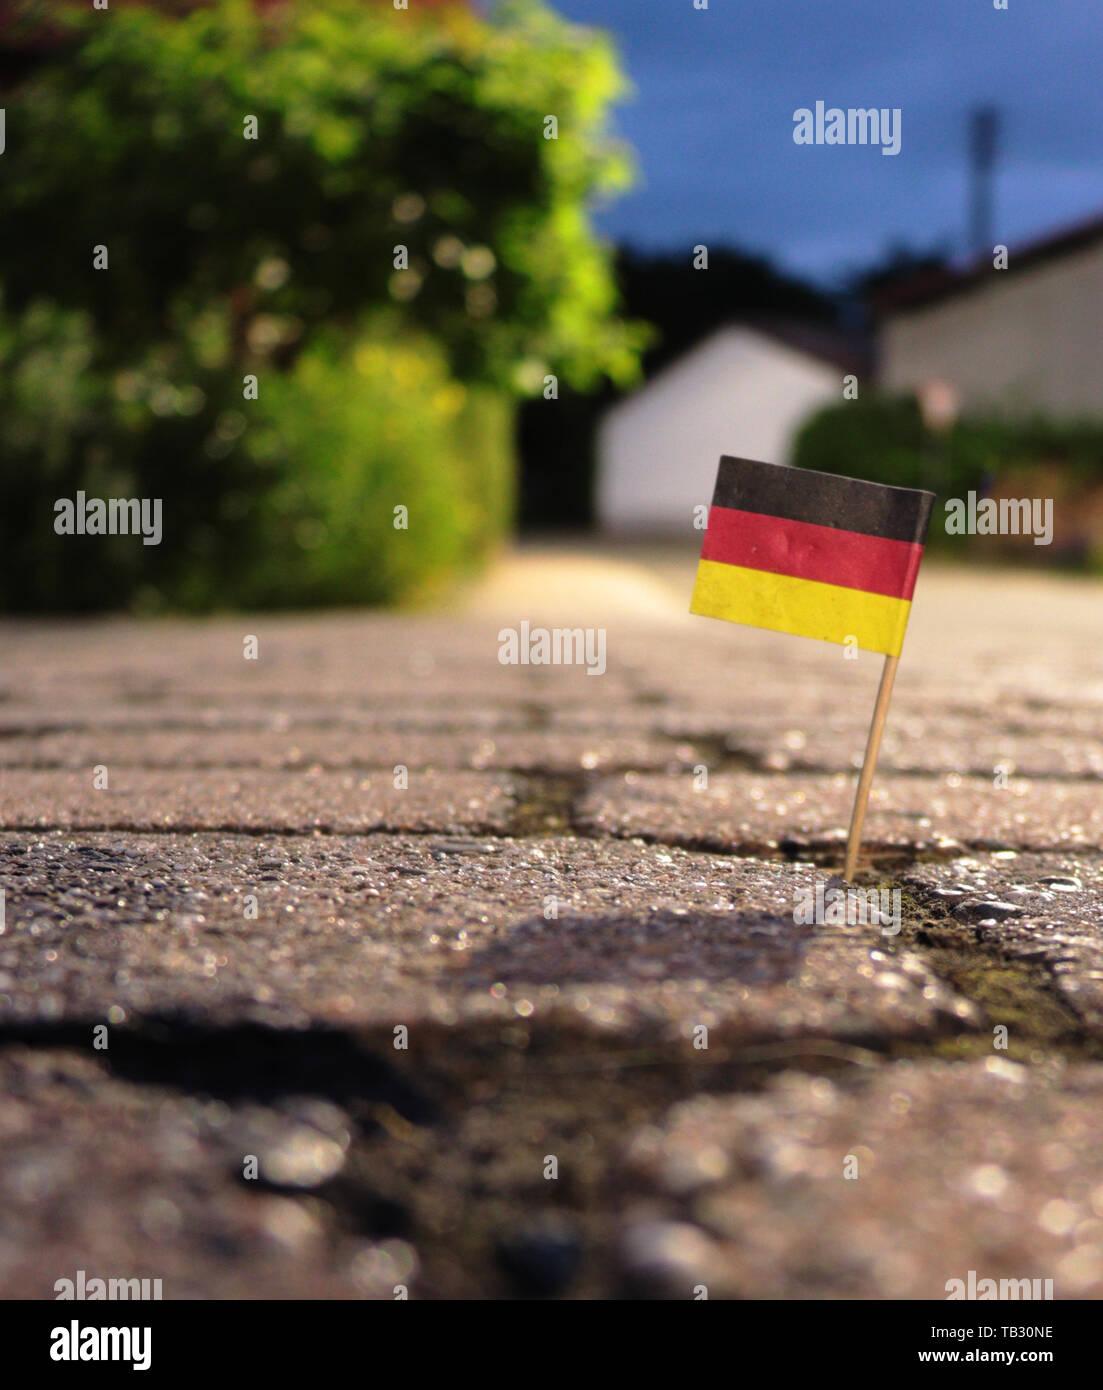 Un cure-dent allemand drapeau est bloqué dans le trottoir craquent après une nuit de fête et de célébration. Photo Stock